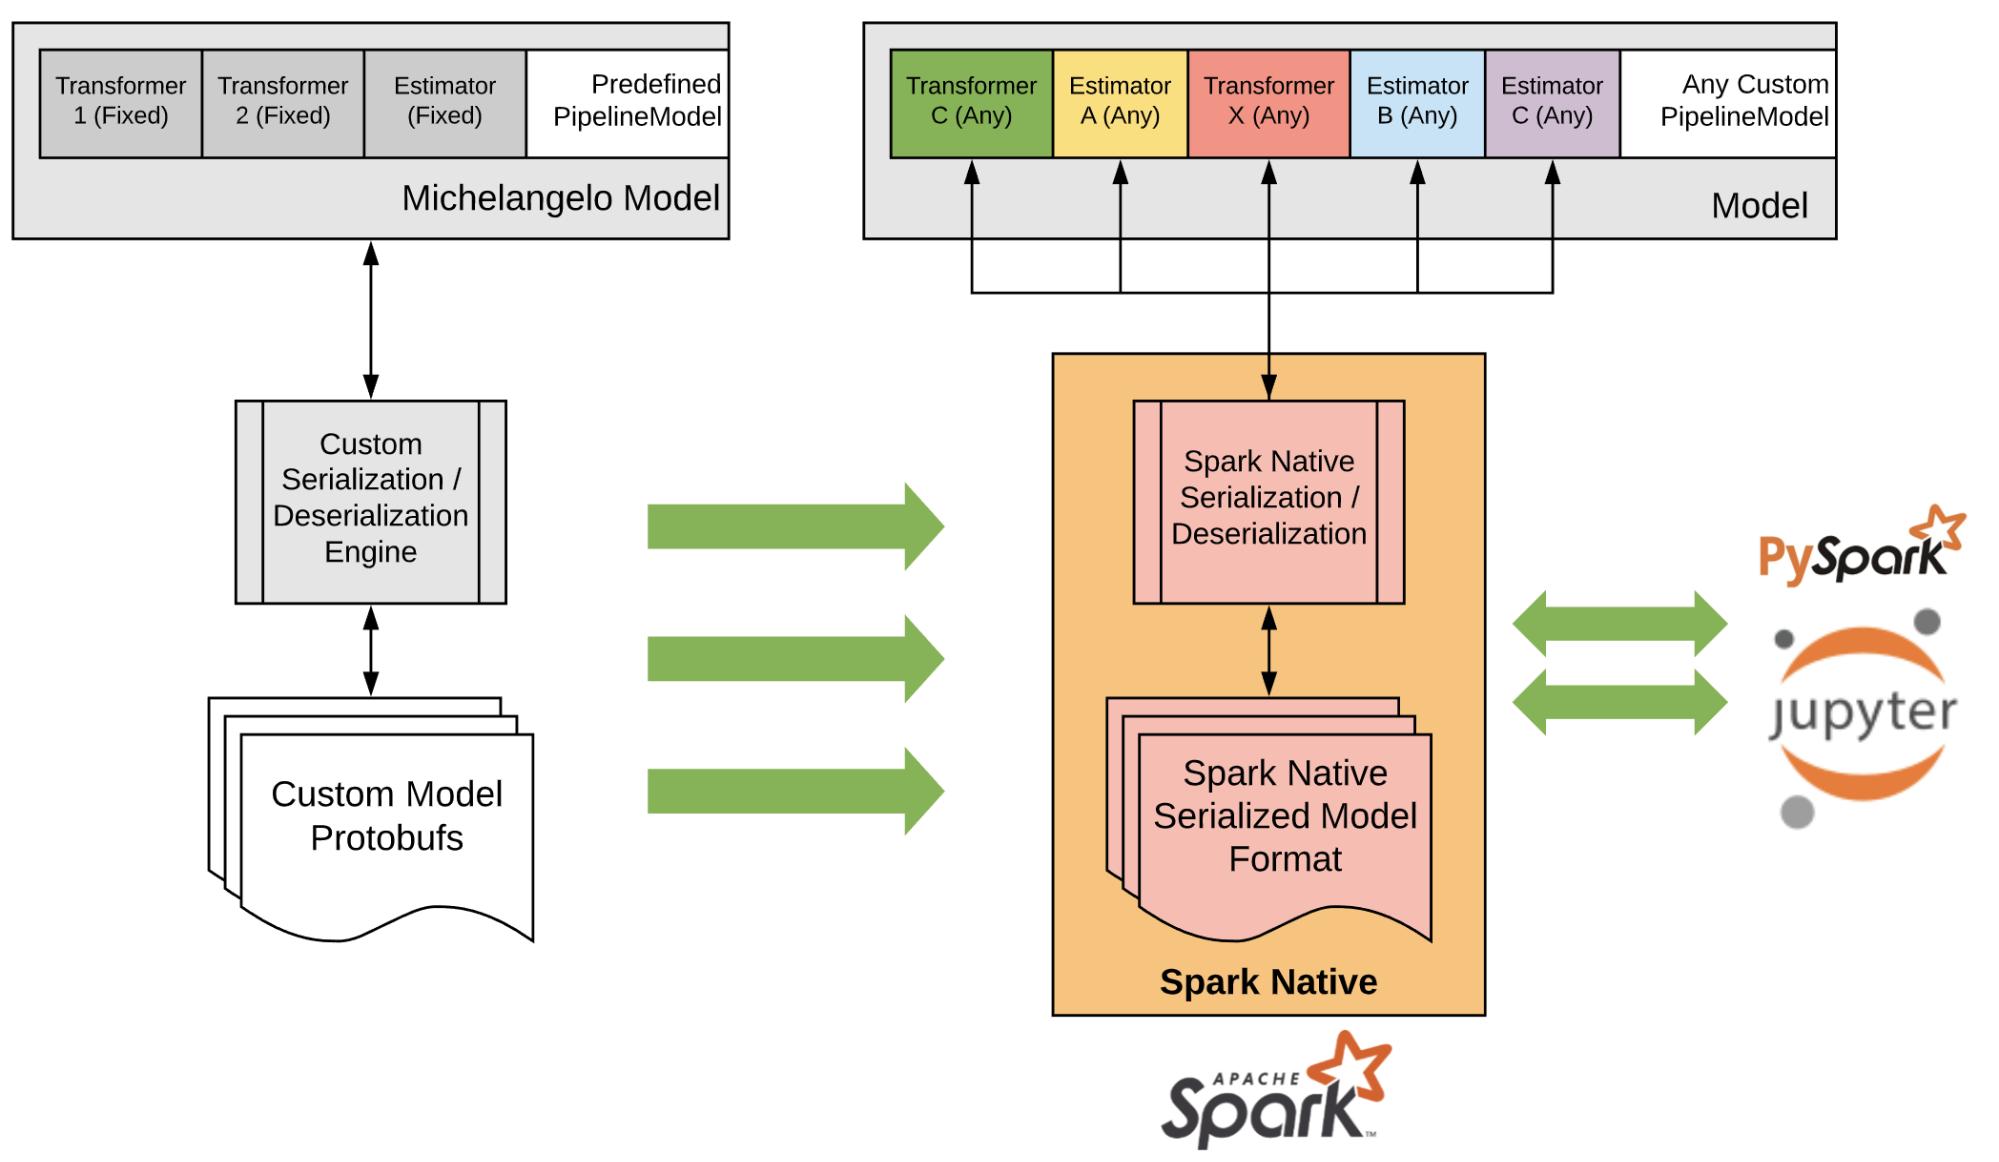 向本地 Spark 序列化和反序列化转变在模型持久化管道阶段(Transformer/Estimator)层面上实现了灵活性和跨环境兼容性。Apache Spark 是 Apache 软件基金会在美国和 / 或其他国家的注册商标。使用这个标识并不意味着 Apache 软件基金会的认可。